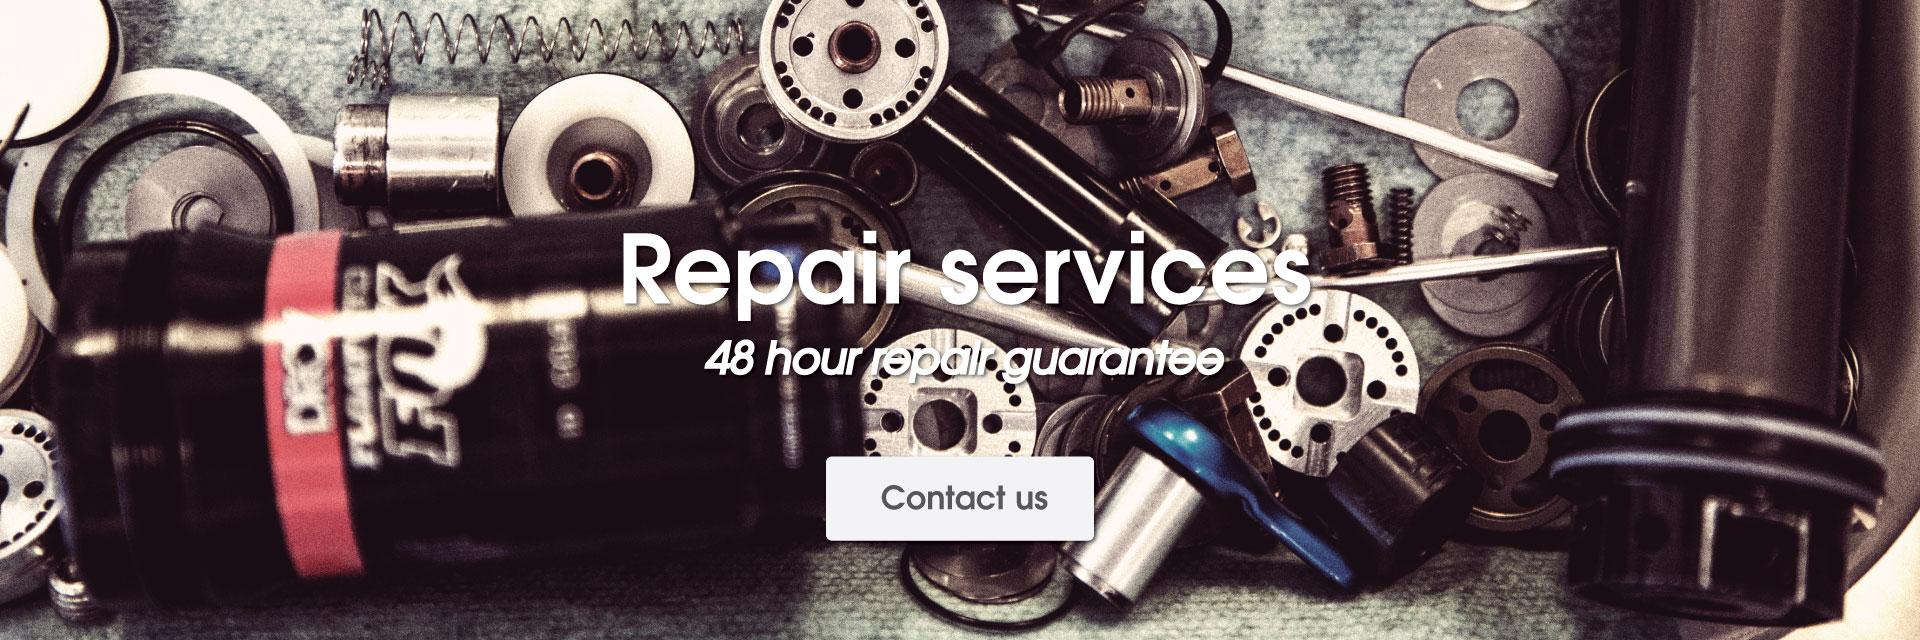 Bike repair at Atlanta Cycling's Bike Repair Shop - Bike Maintenance